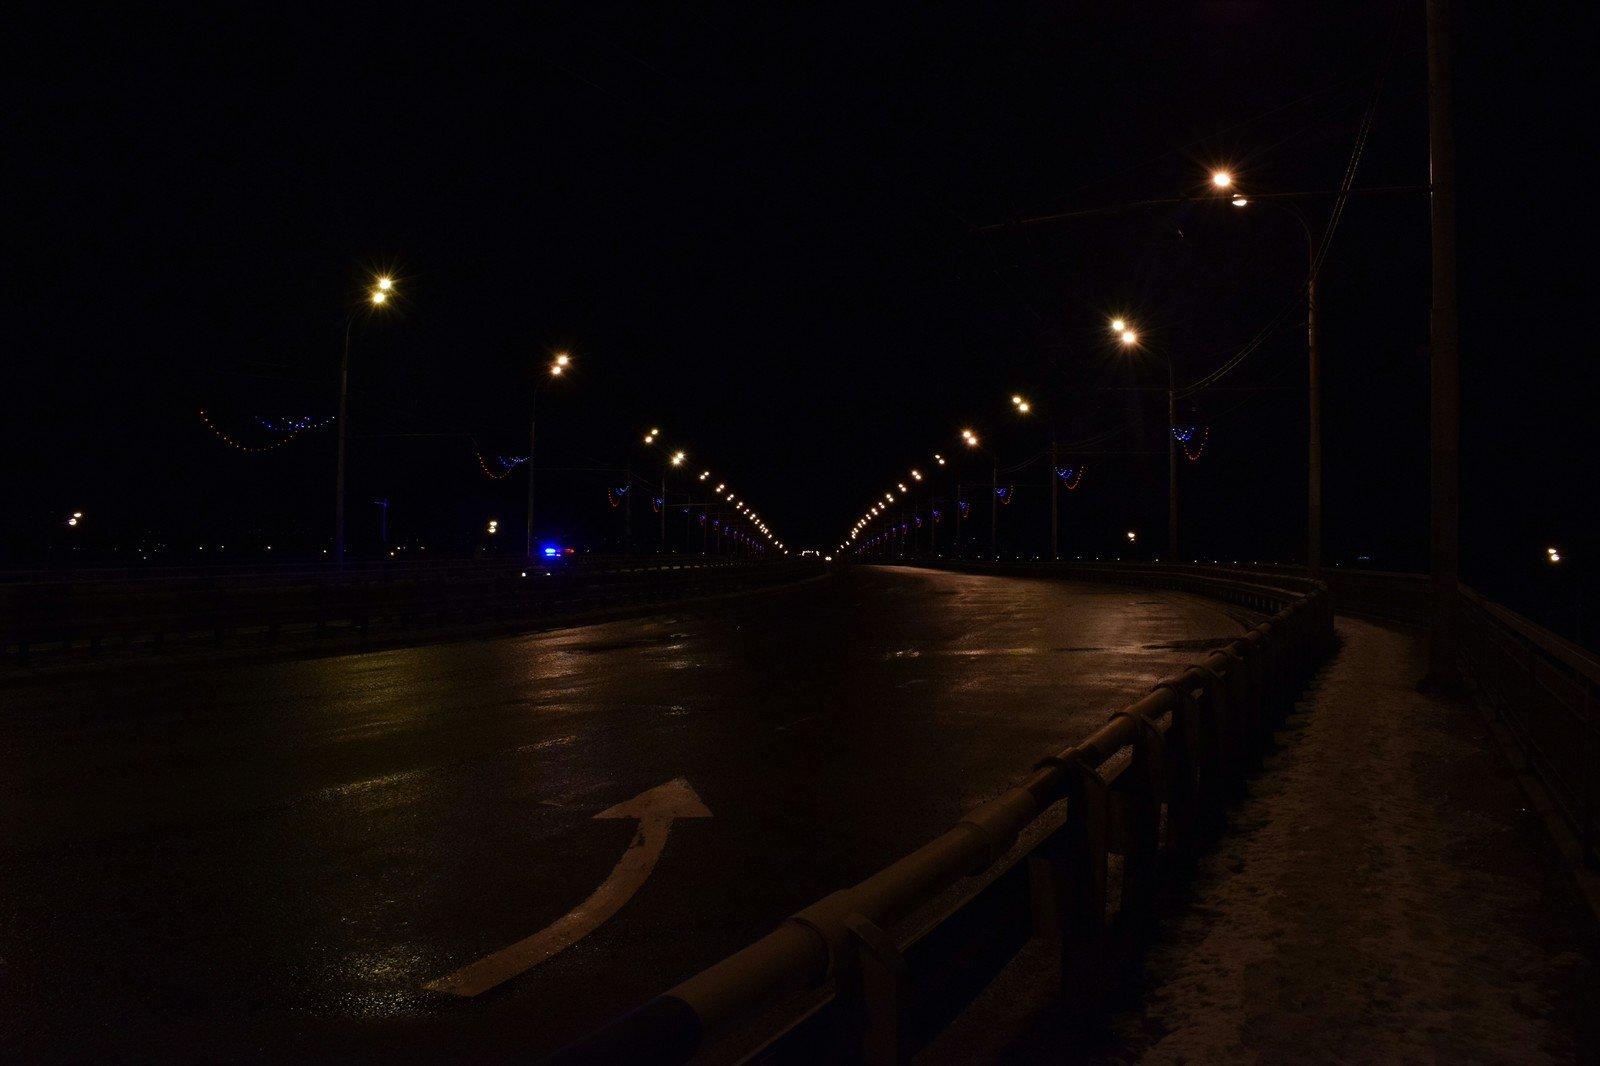 Картинки по запросу иллюзии на ночных дорогах